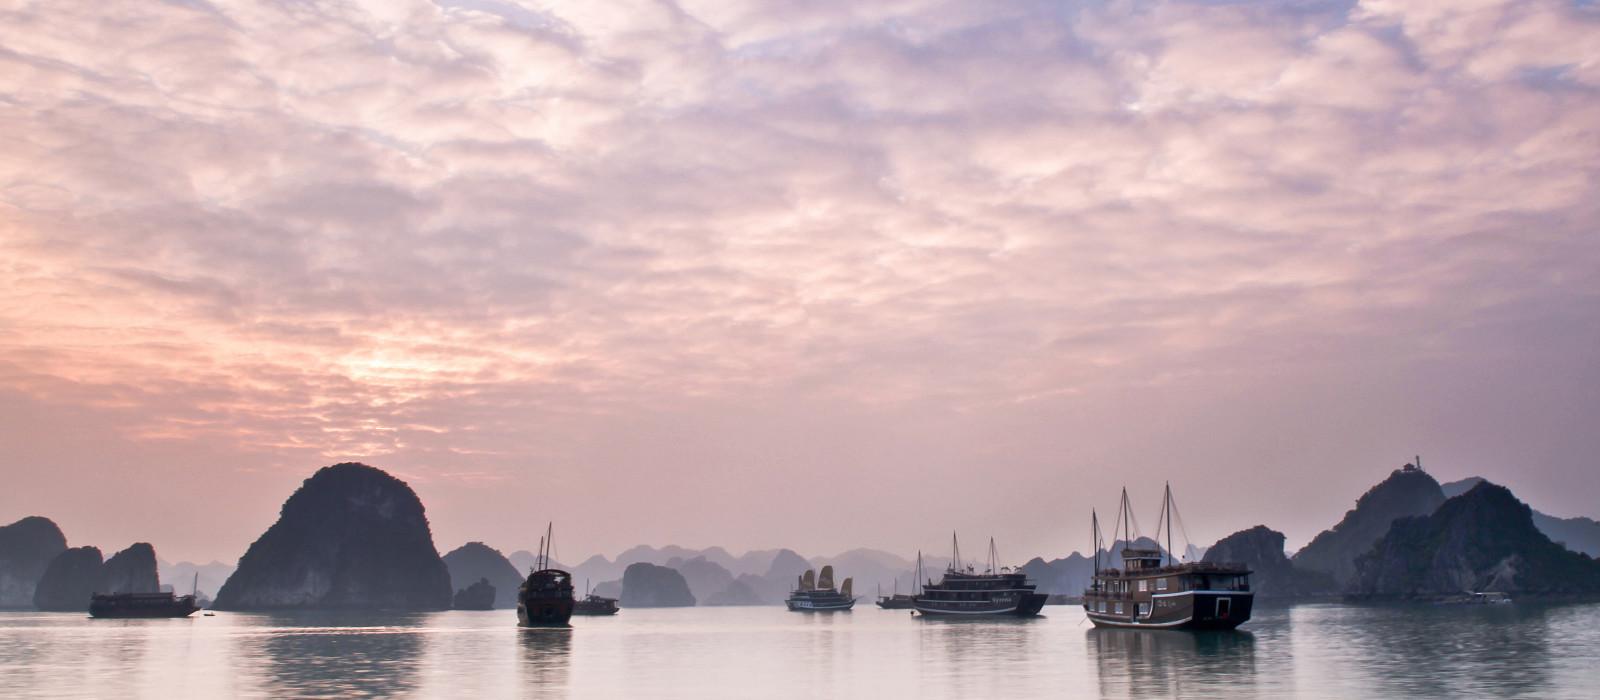 Hotel Valentine Premium Halong Bay Vietnam